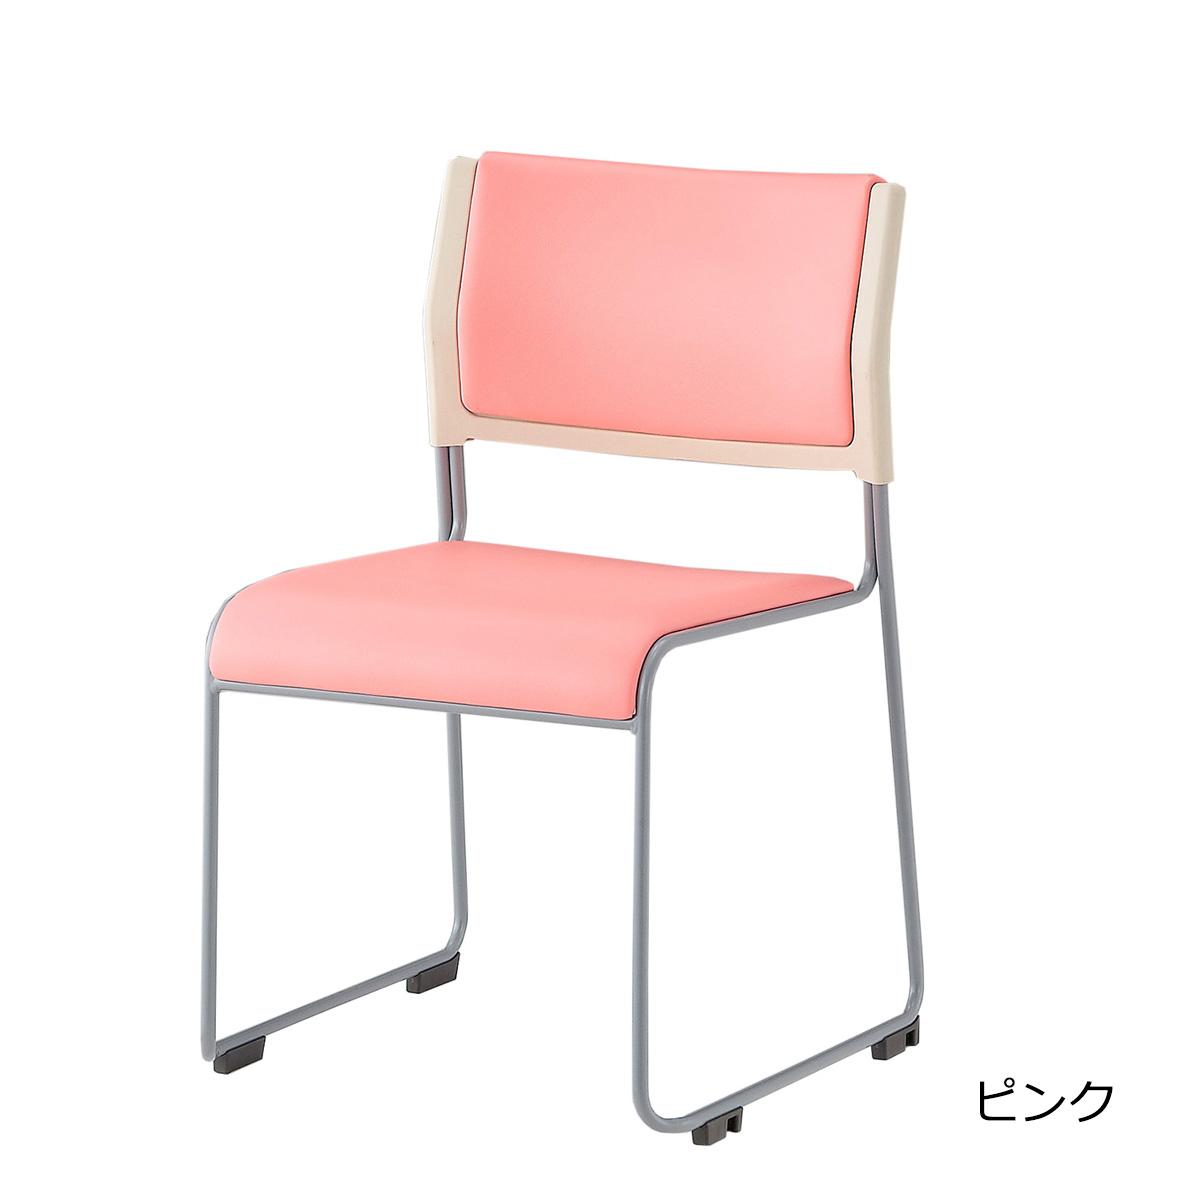 ミーティングチェア スタッキングチェア 会議用椅子 | I-LTS-110P-V